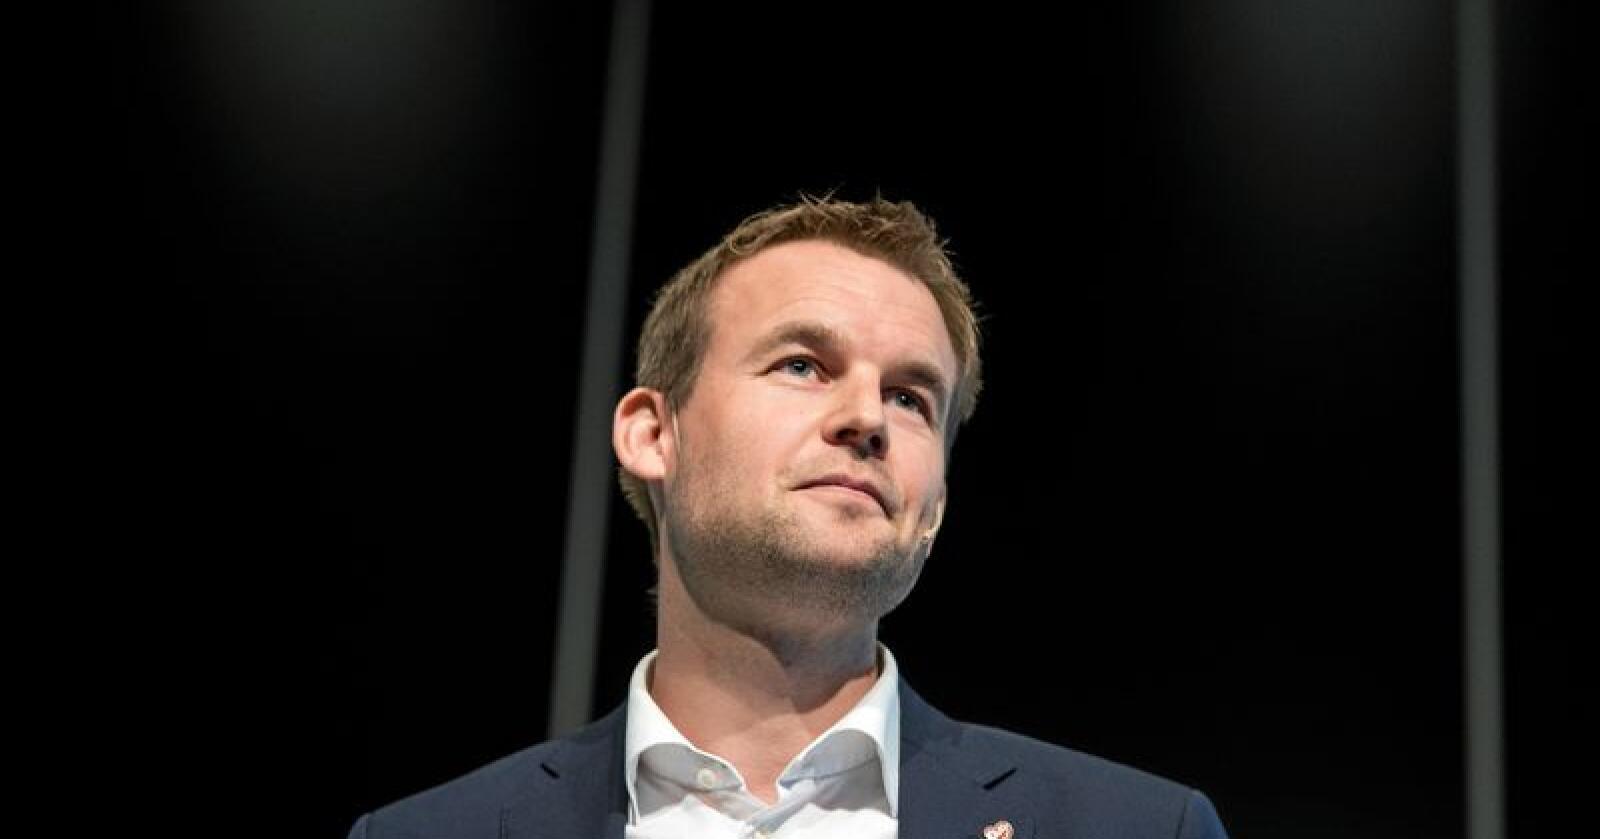 Barne- og familieminister Kjell Ingolf Ropstad. Foto: Carina Johansen / NTB Scanpix